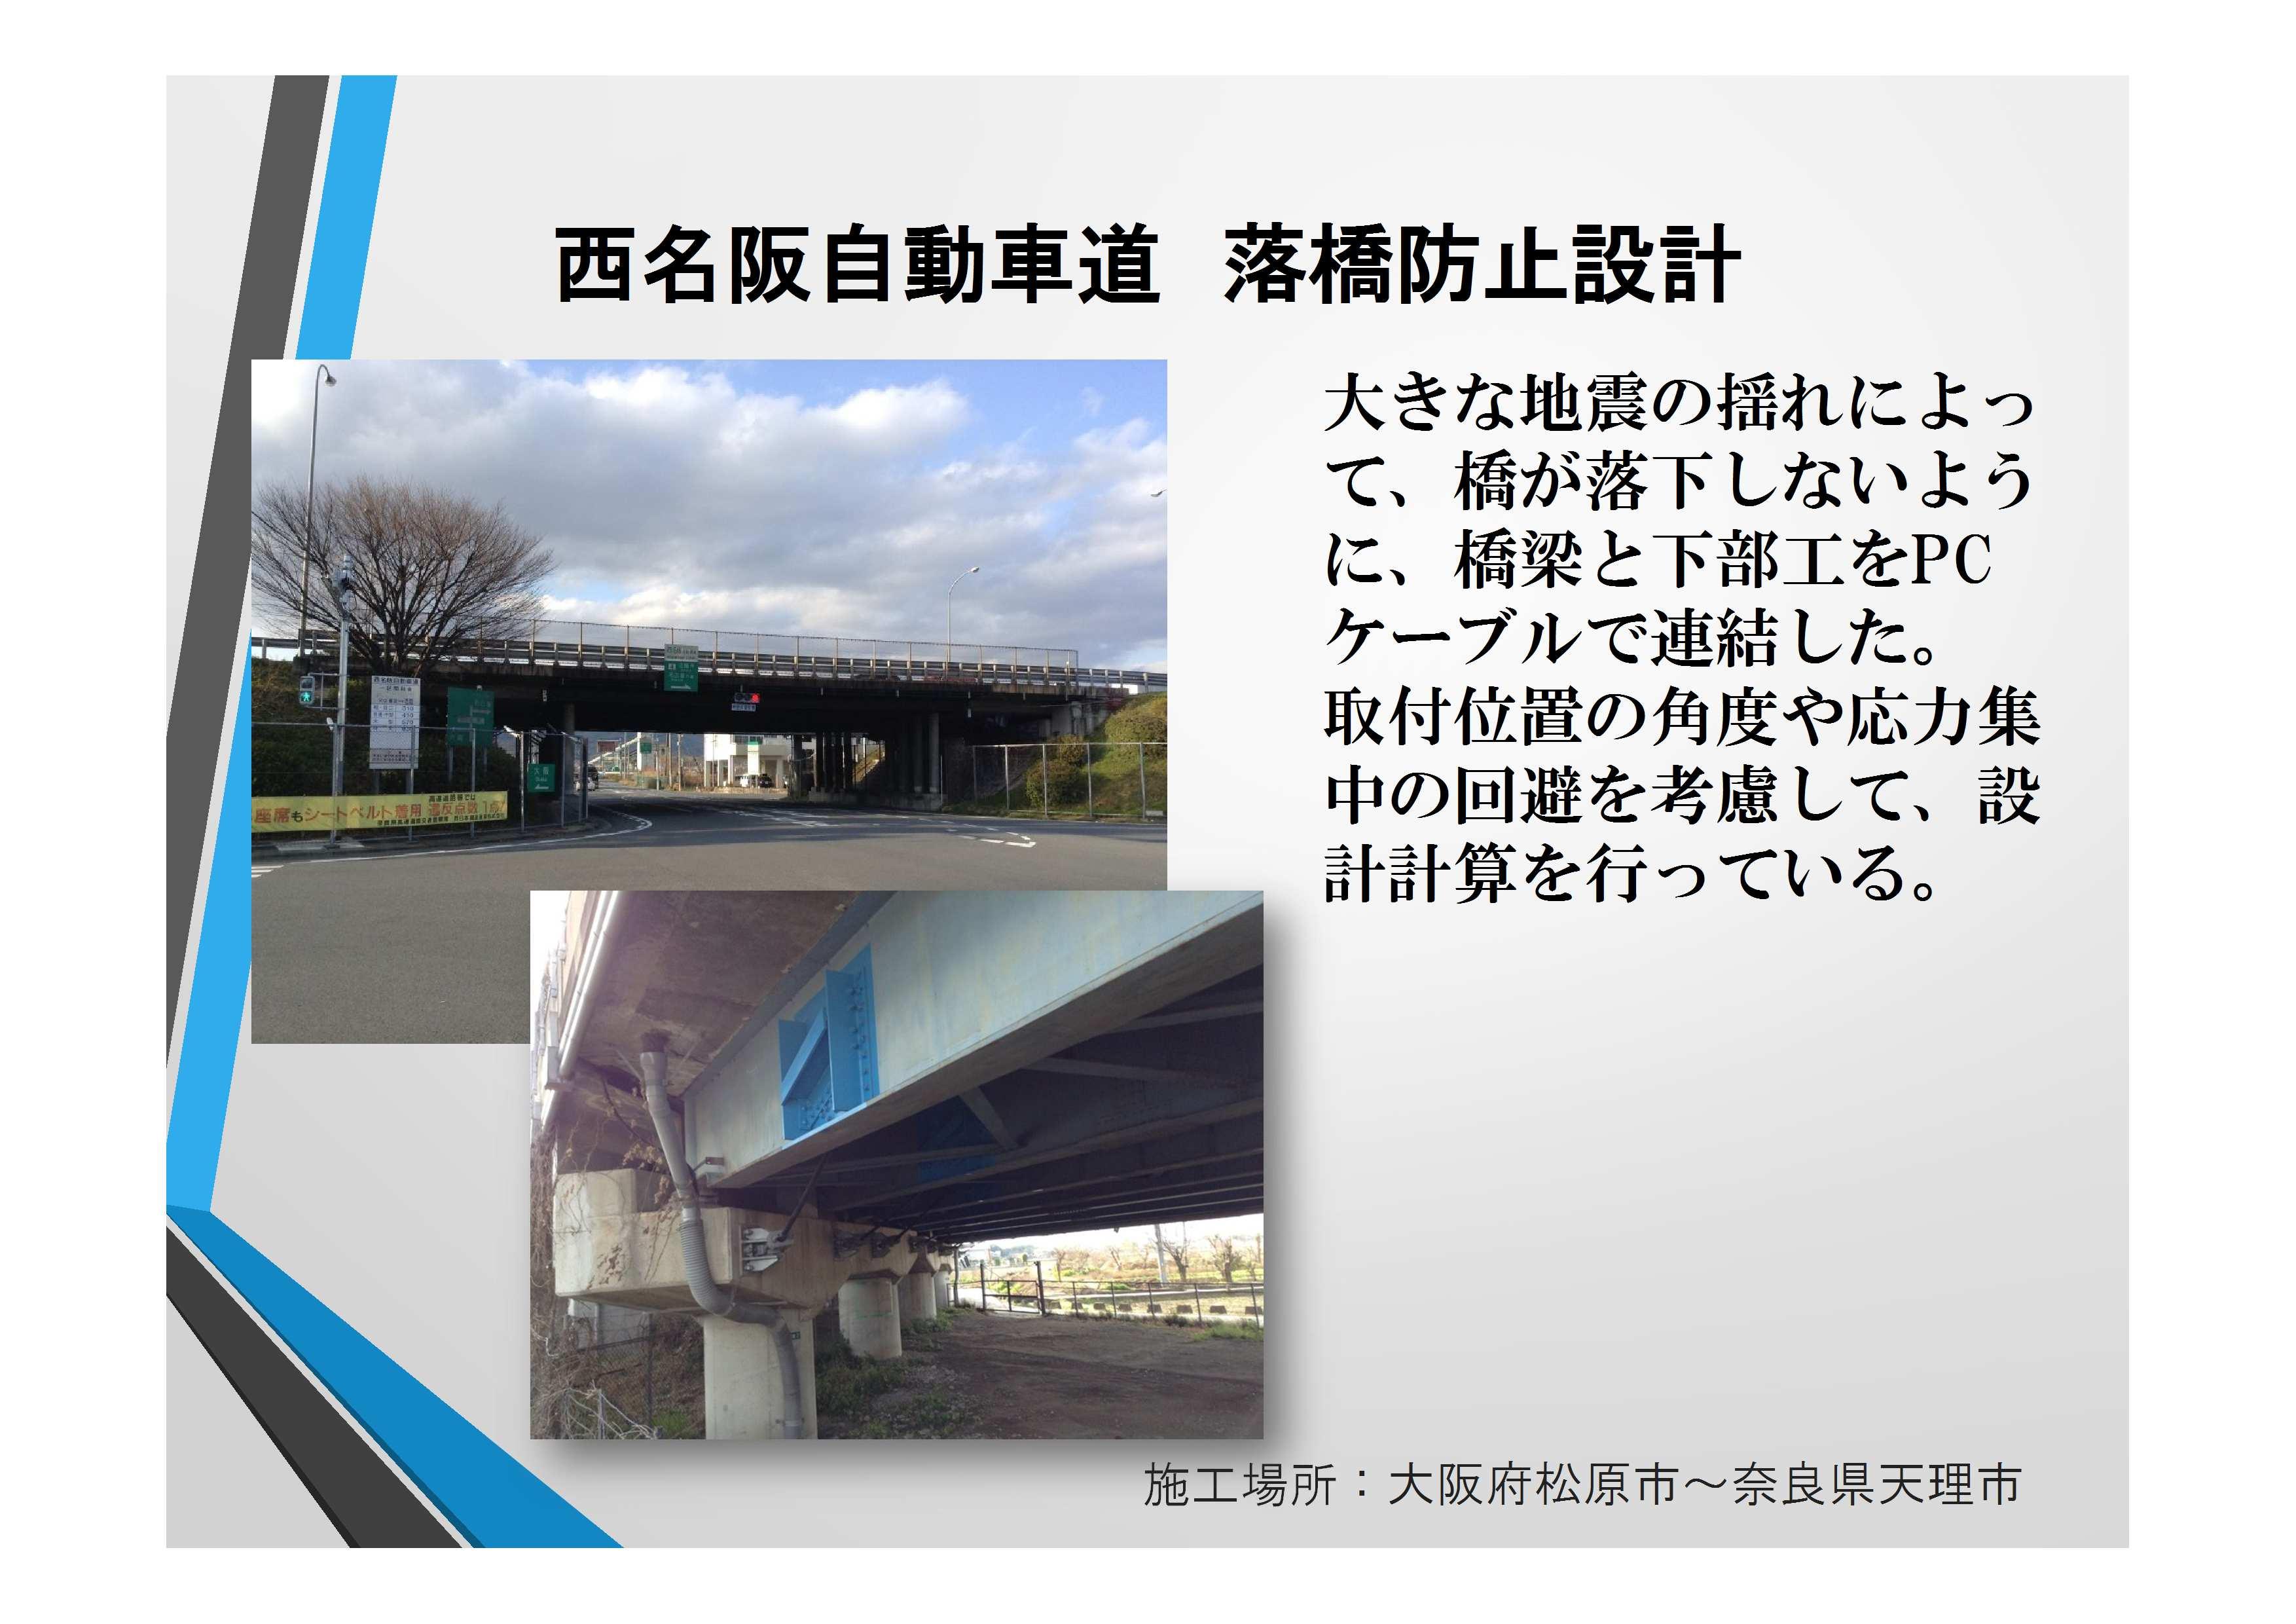 ☆近21051 西名阪自動車道 落橋防止設計 【未確認】渡邉部長